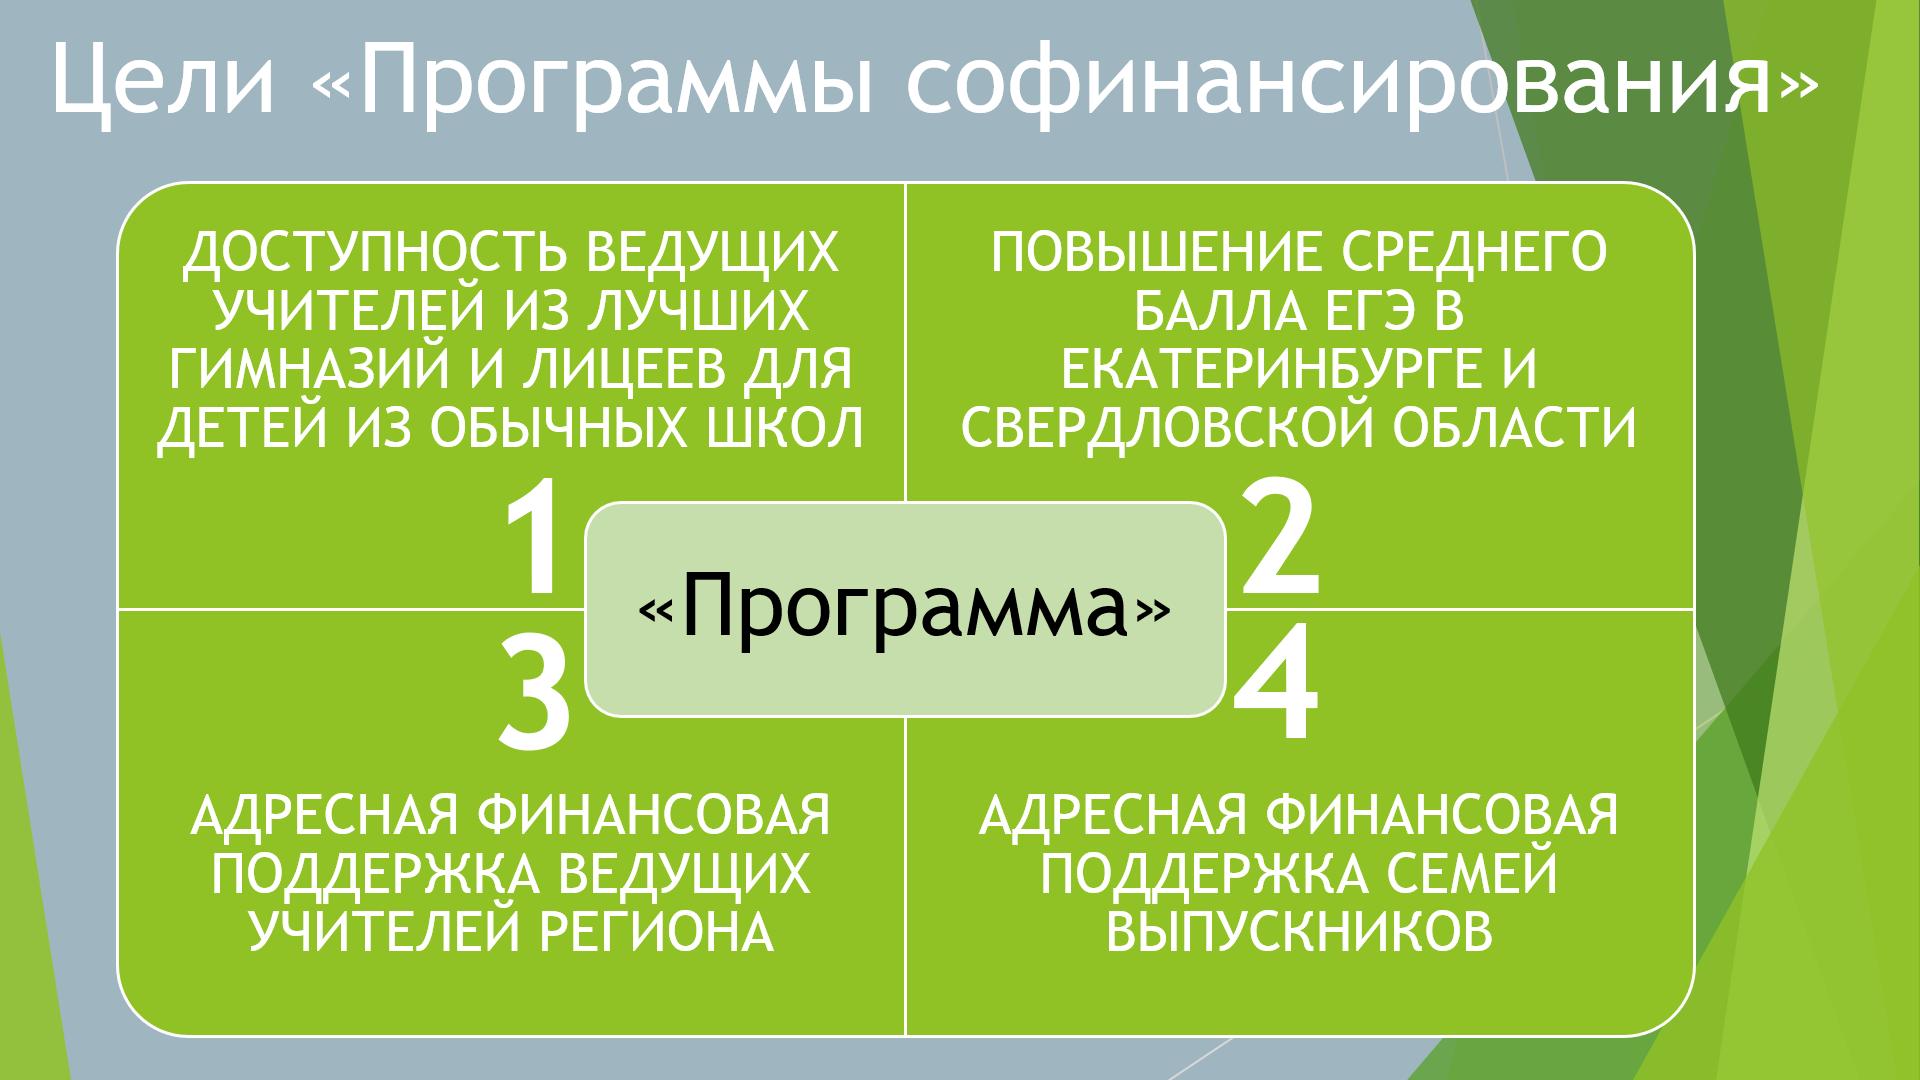 Цели «Программы софинансирования довузовской подготовки выпускников города Екатеринбурга»